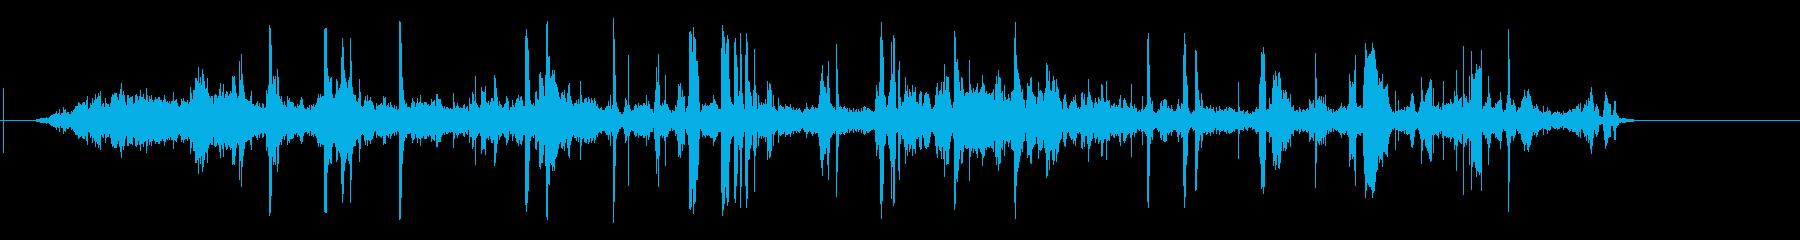 Ambience of the Ramblas De Barcelona street's reproduced waveform